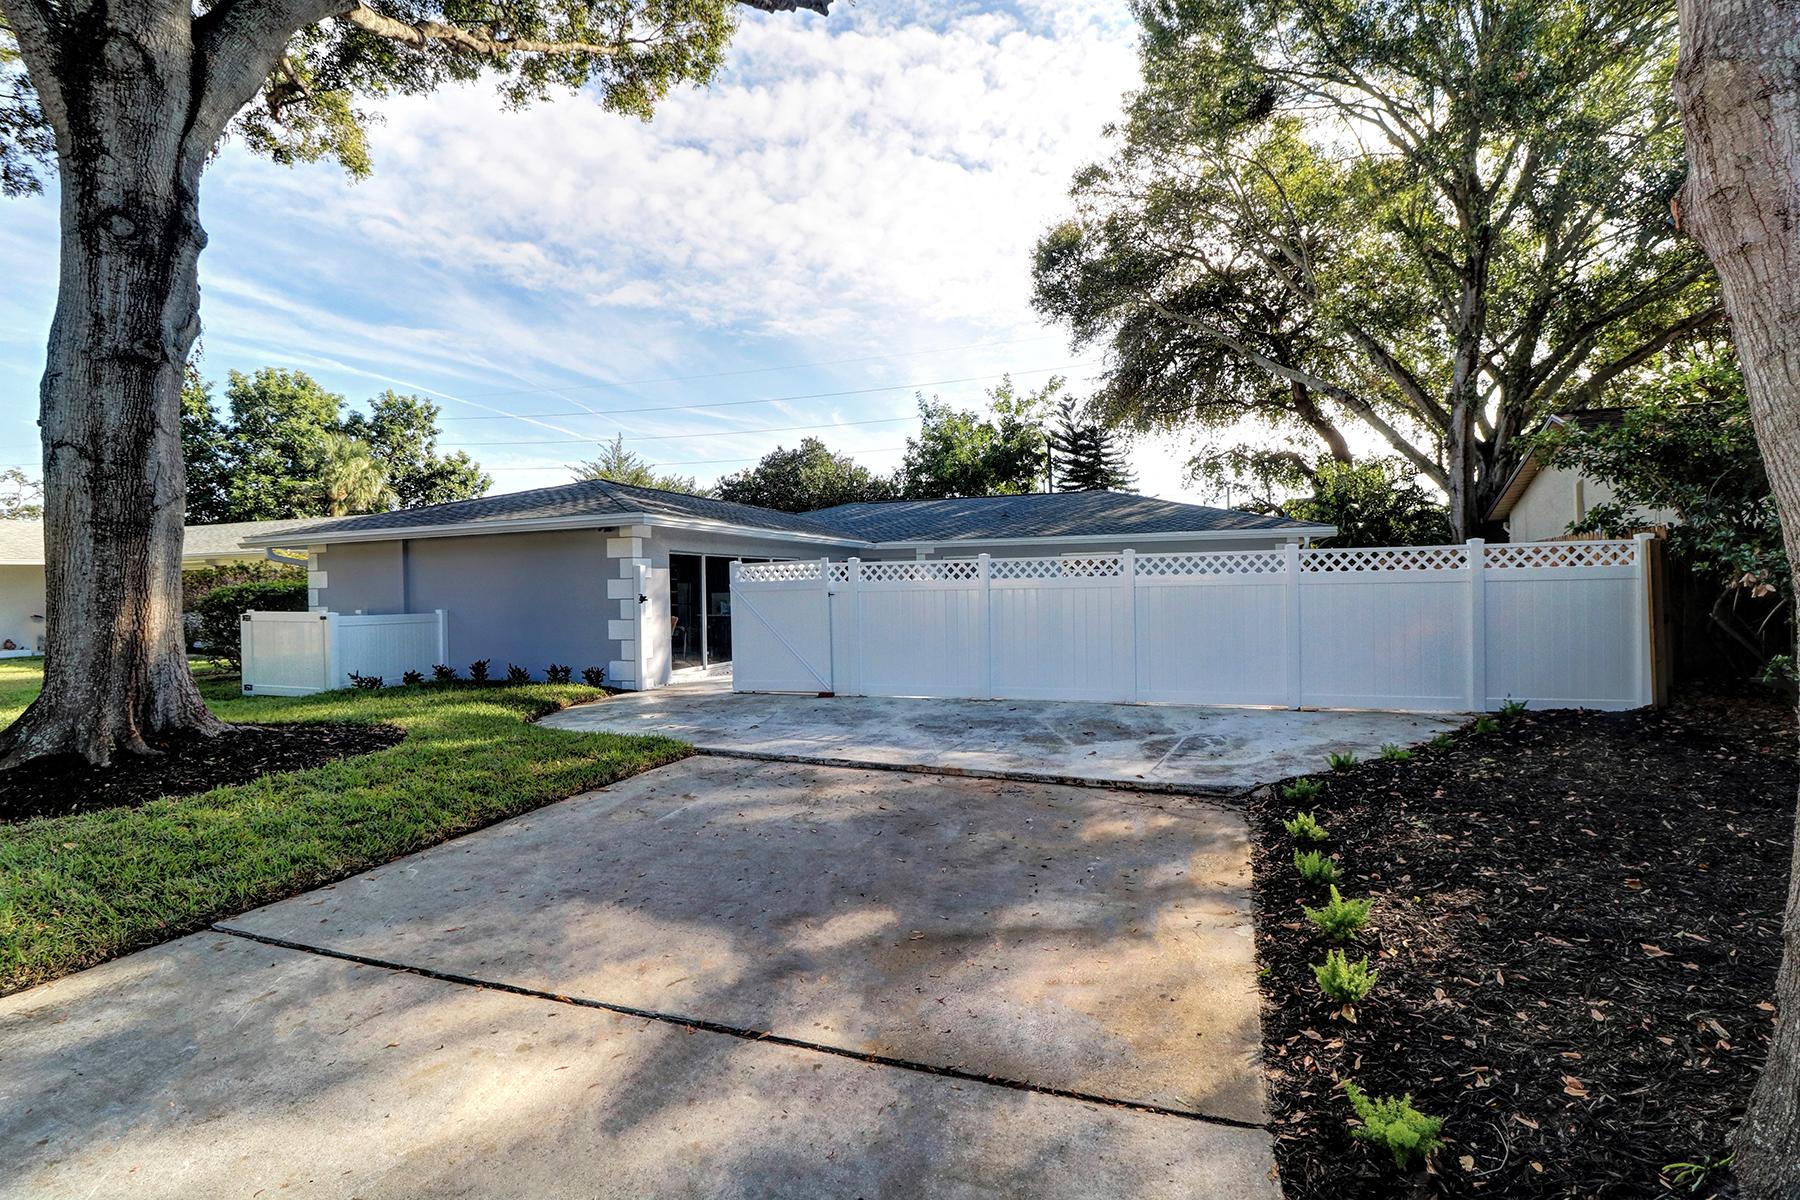 独户住宅 为 销售 在 CLEARWATER 2363 Pineland Ln 克利尔沃特, 佛罗里达州, 33763 美国